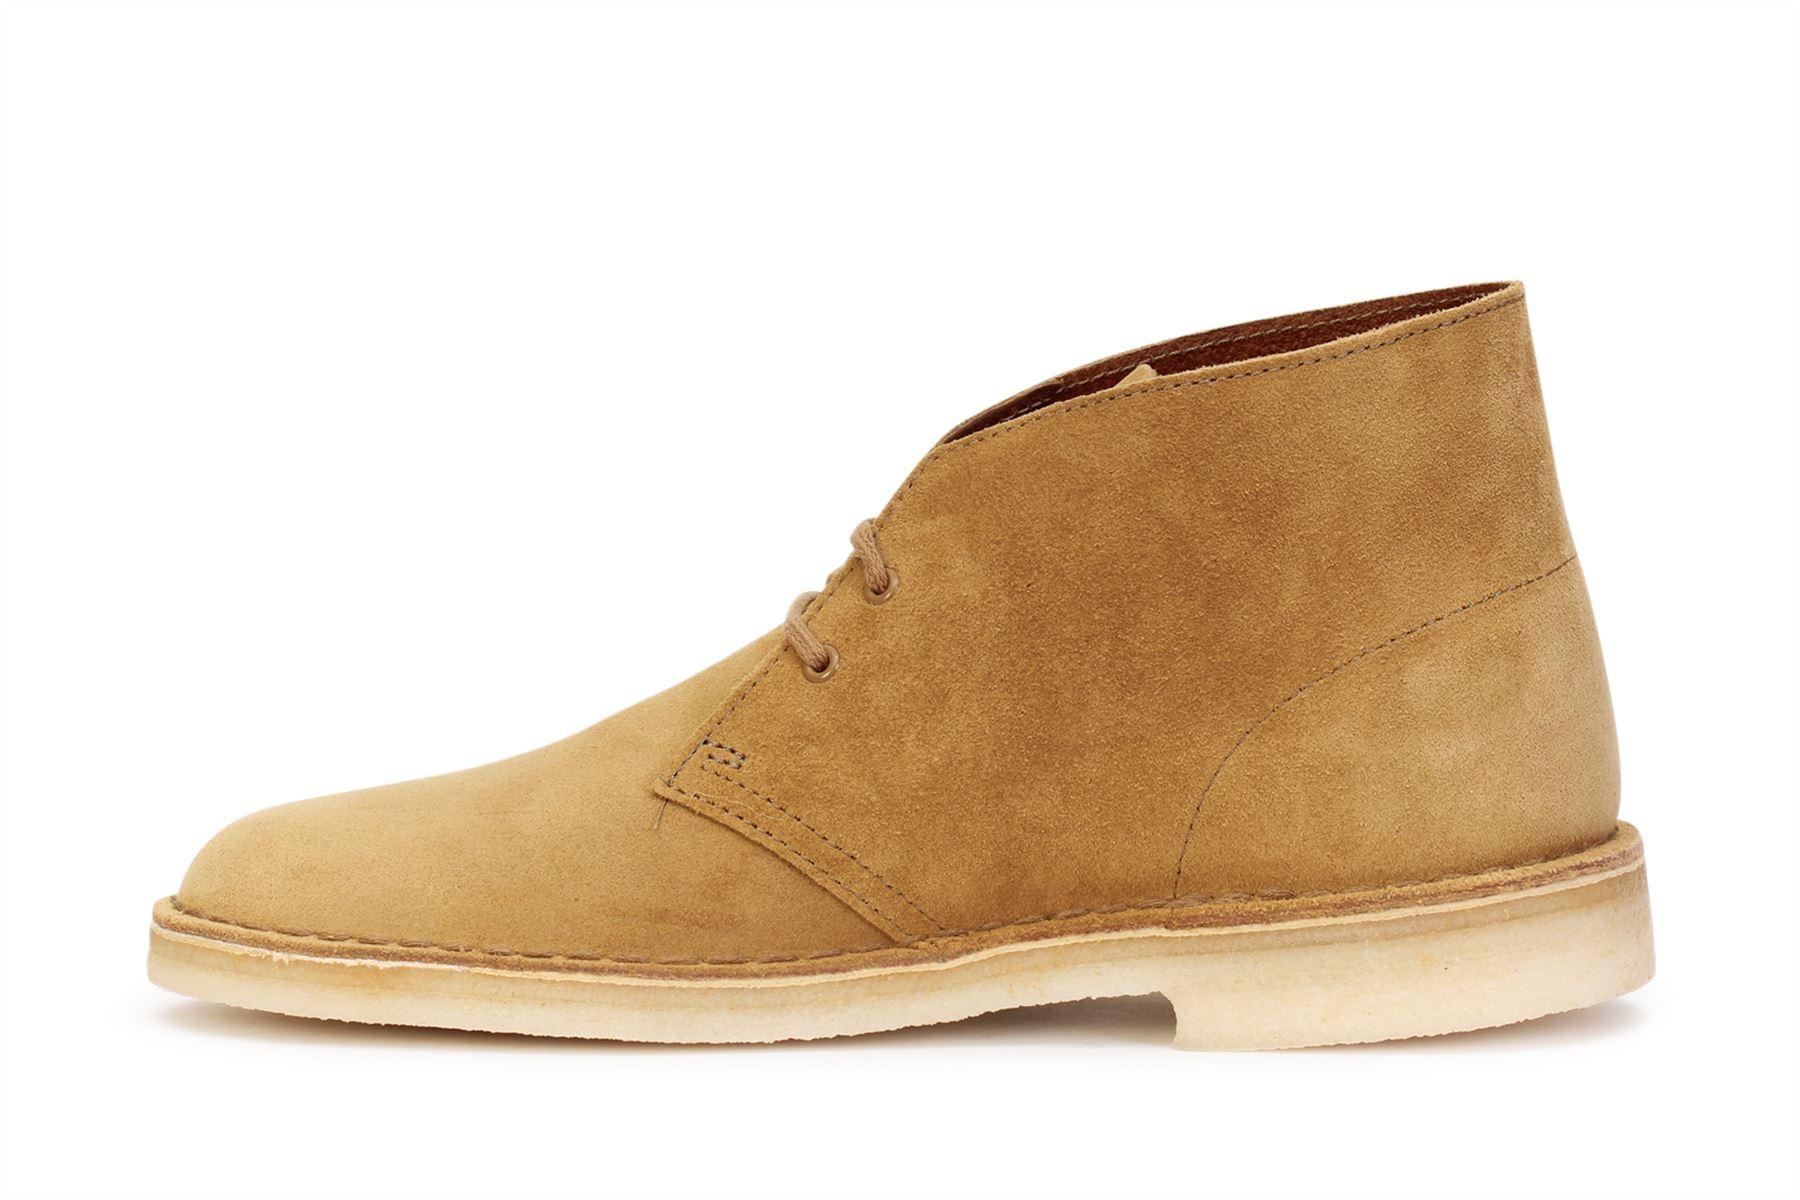 Clarks Originals Desert Boots Suede Oak Men's Sizes 26138233